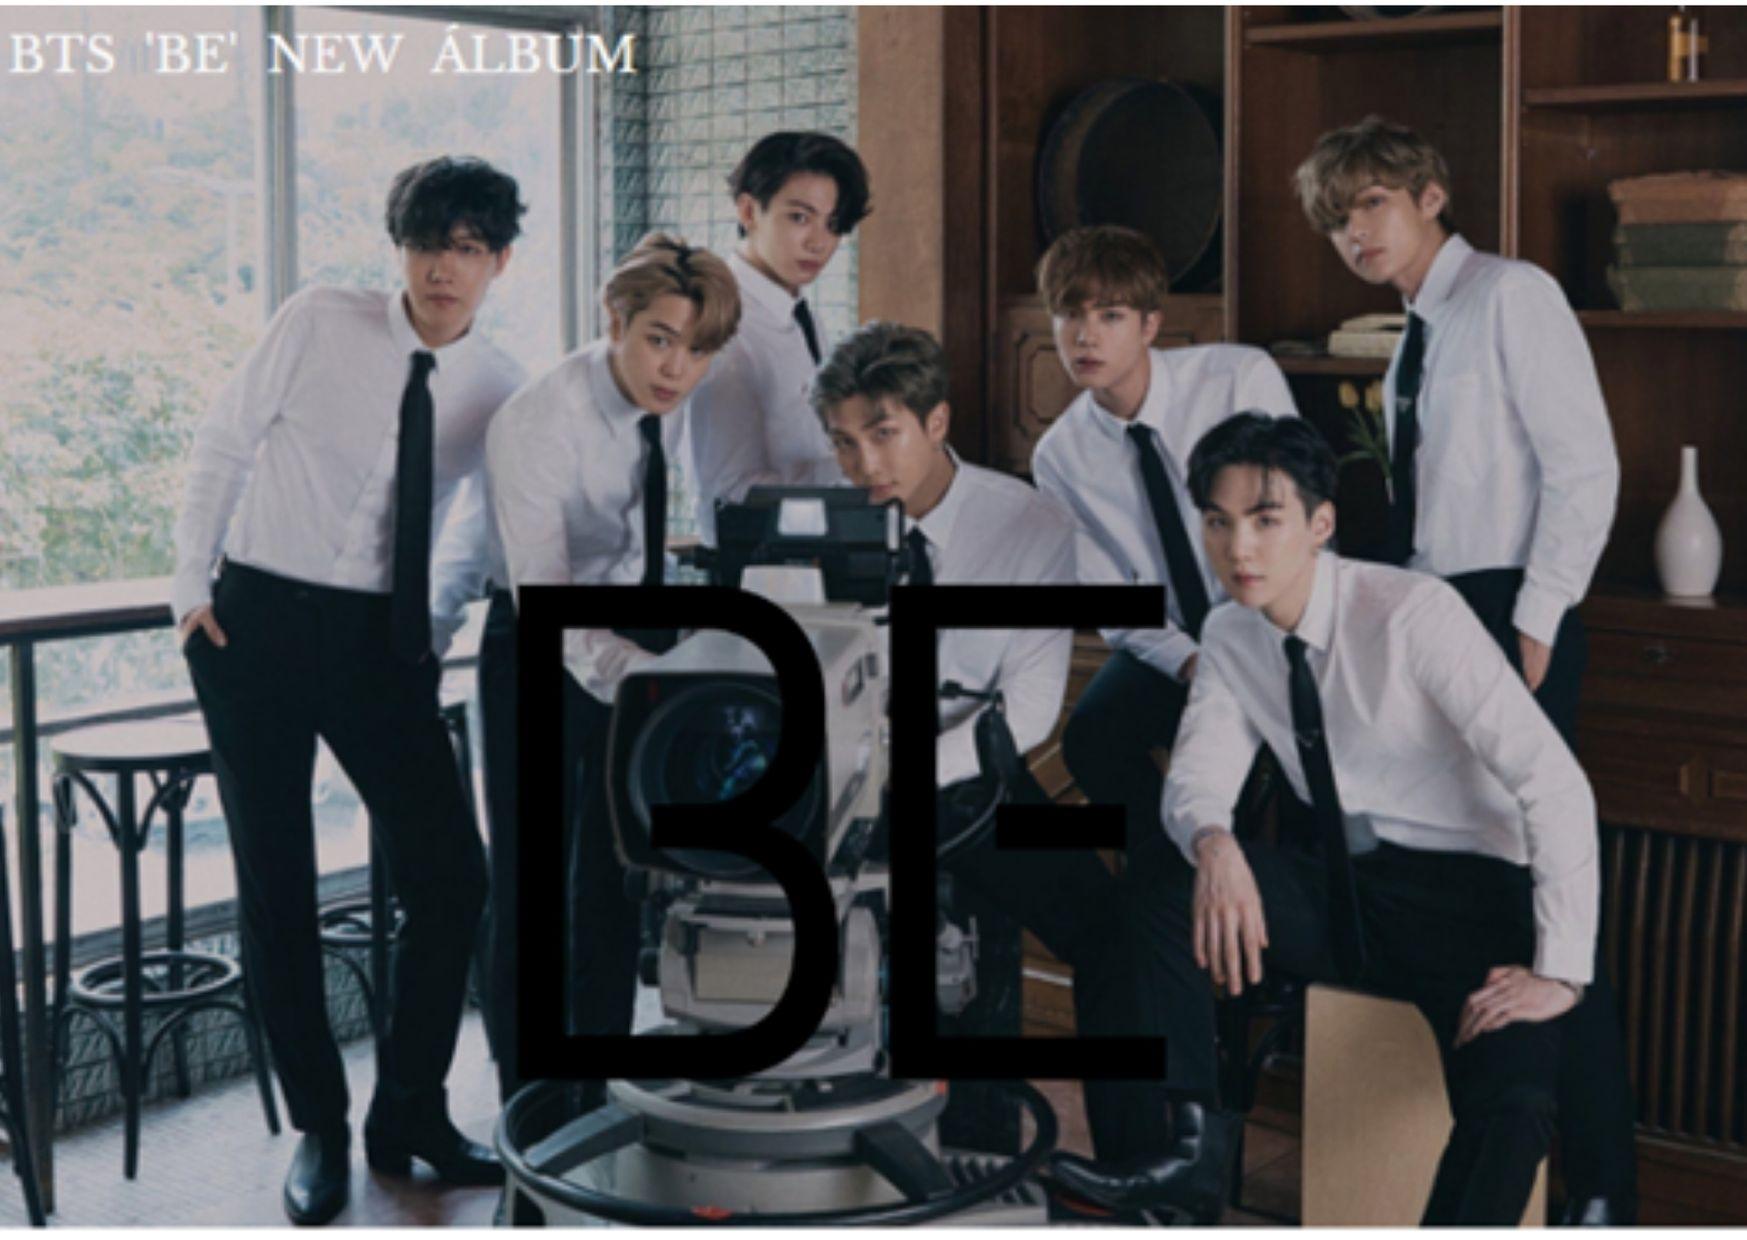 BTS, el mensaje de ánimo y optimismo para ARMY en su nuevo álbum